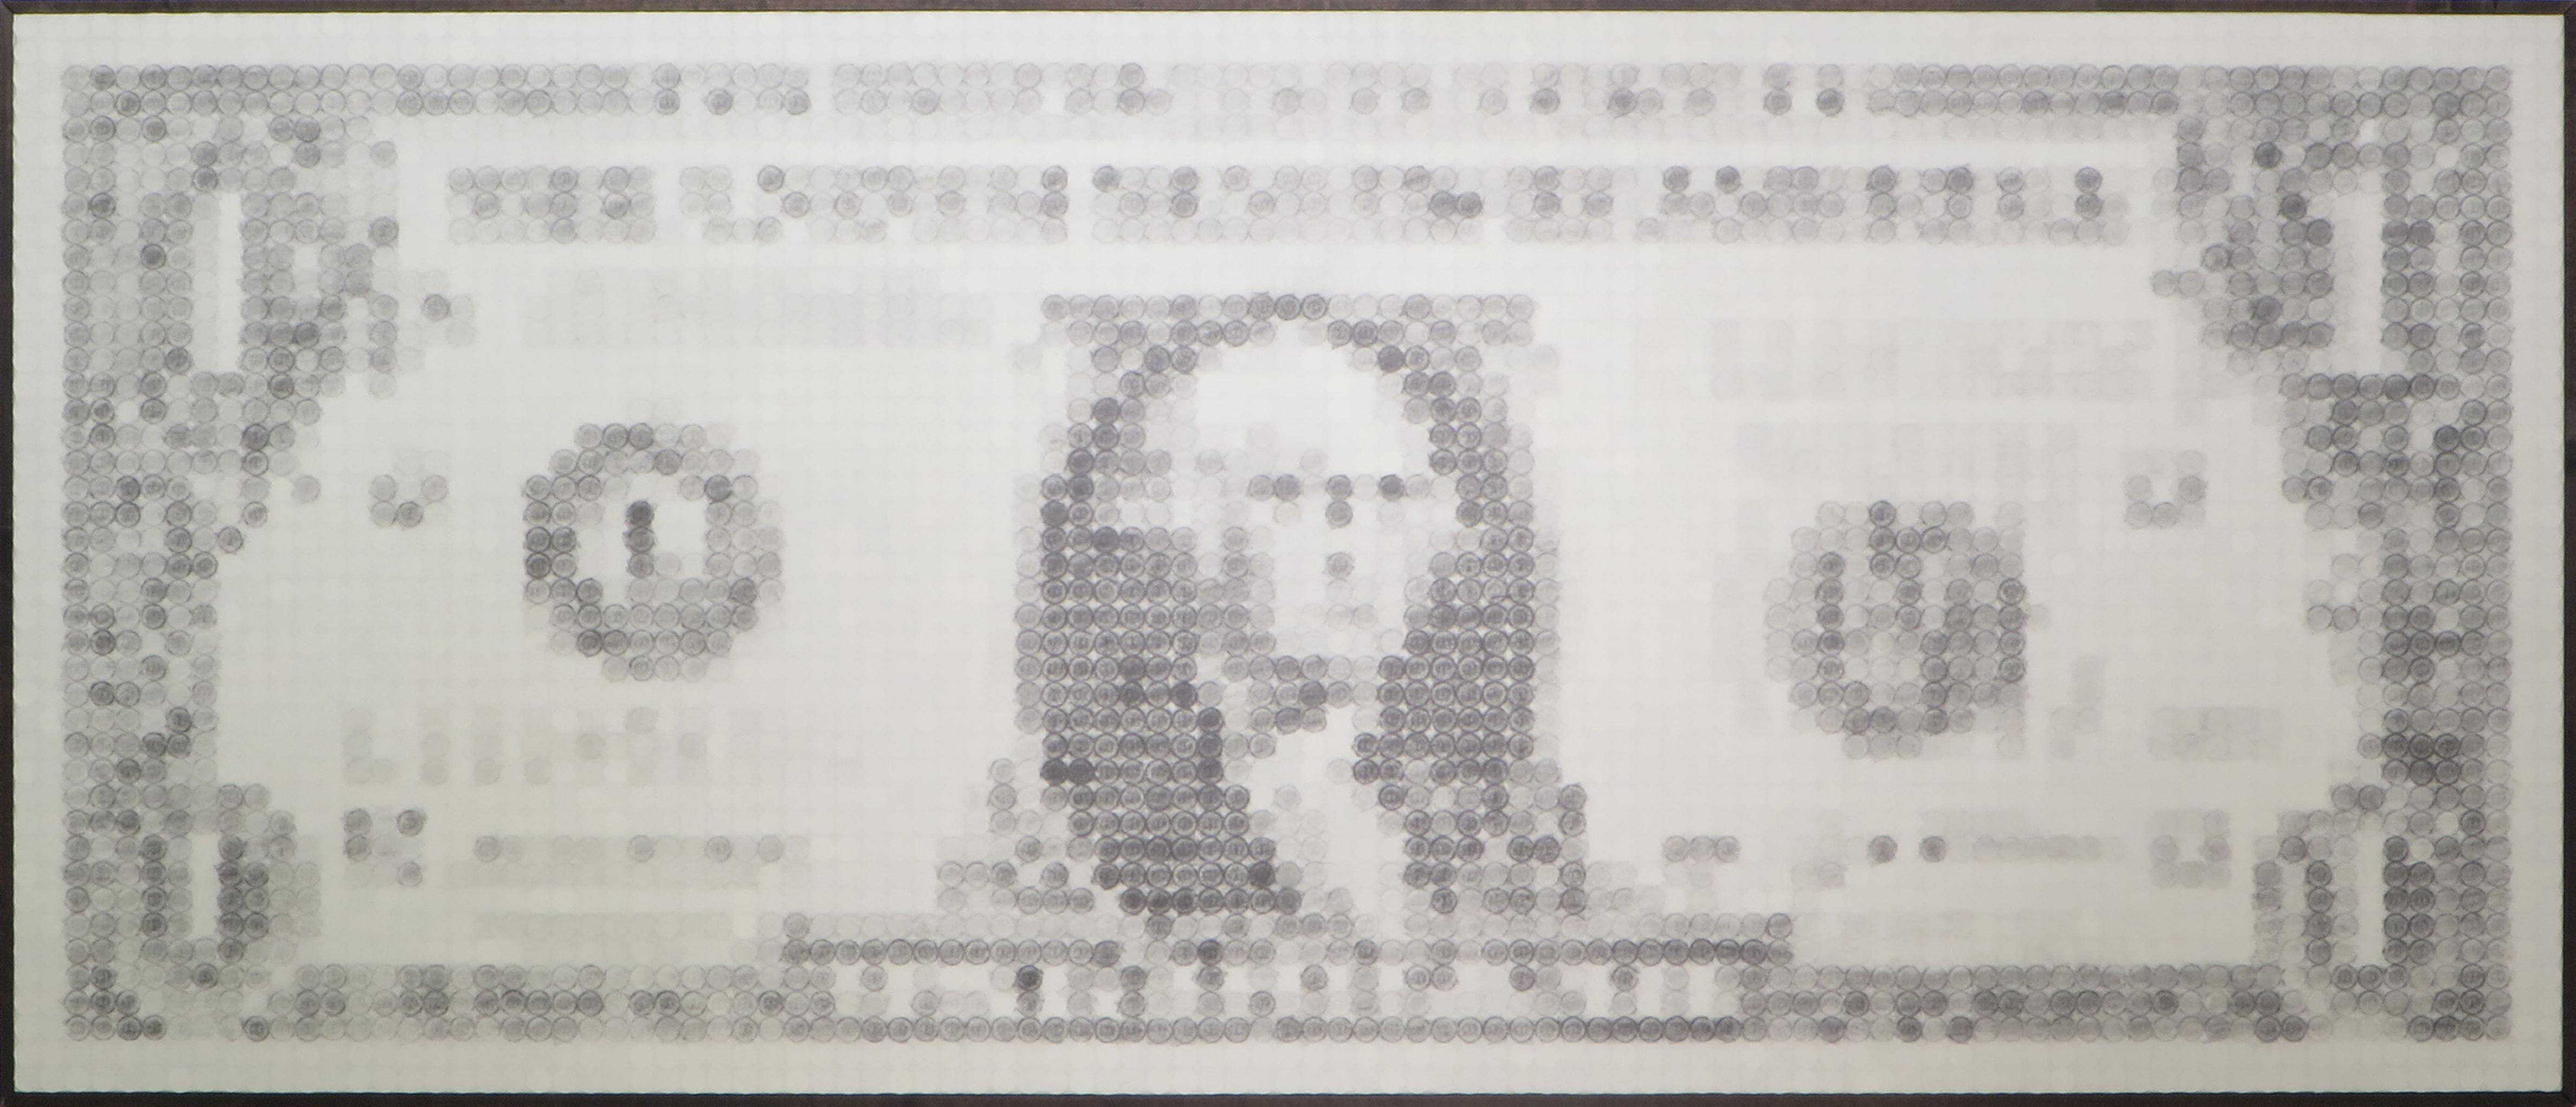 1ドル=4158円 / USD1=JPY4,158